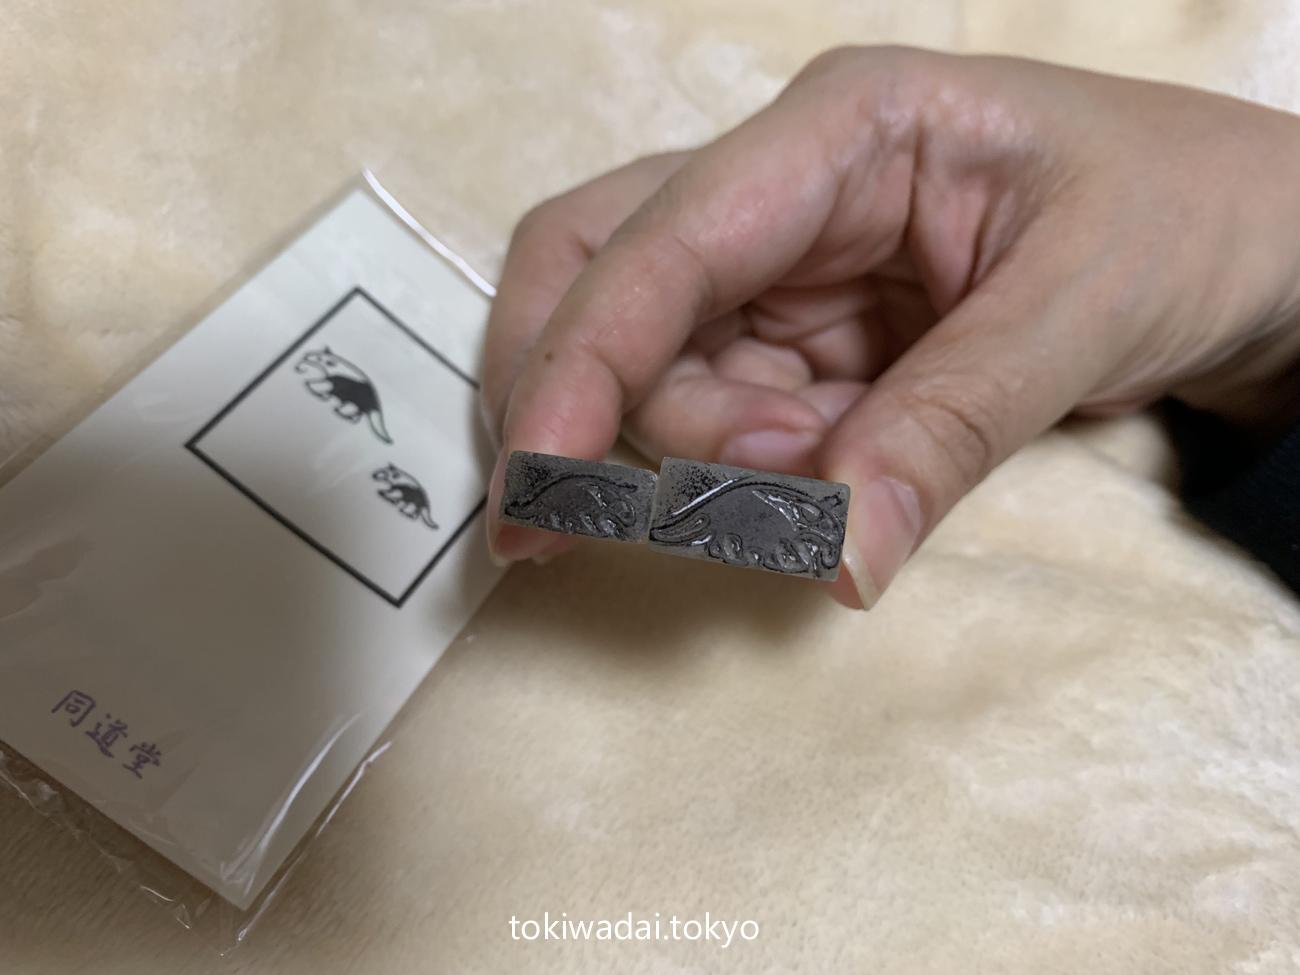 ときわ台 「つ・つ・つ GARDEN」ついたちgarden 令和元年12月1日(土) 石のハンコ同道堂(どうどうどう)アリクイのハンコ